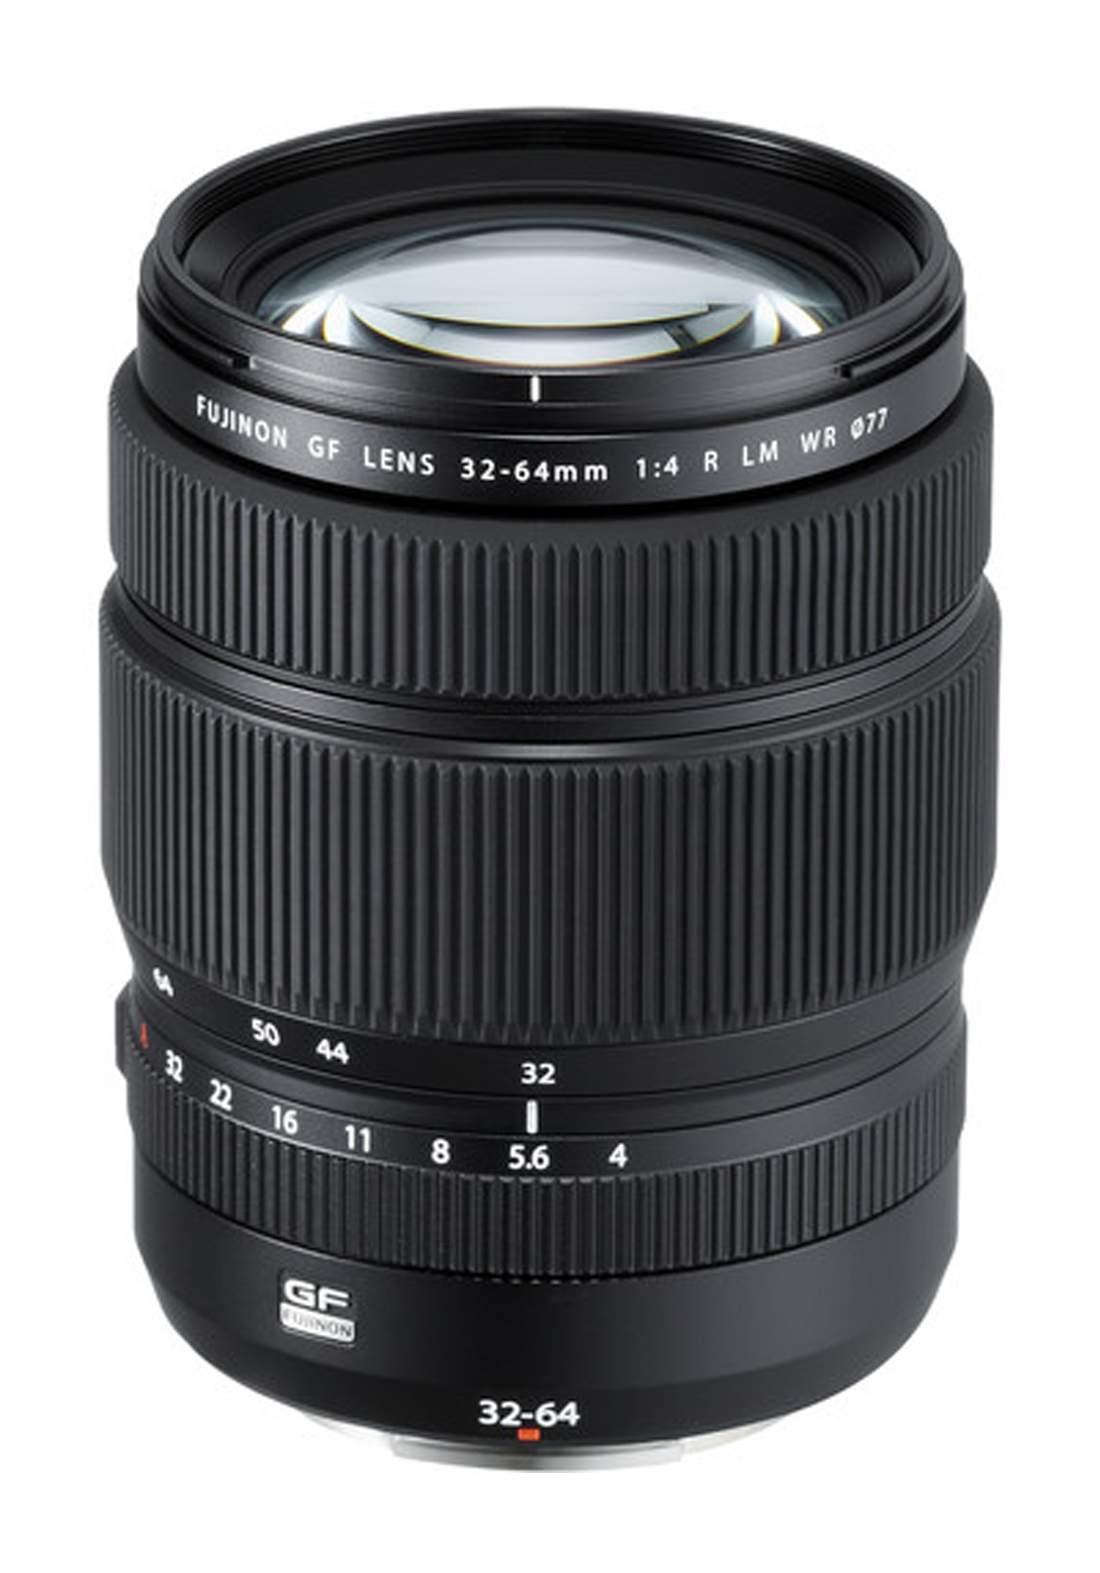 Fujifilm  GF 32-64mm F4 R LM WR Lens - Black عدسة كاميرا